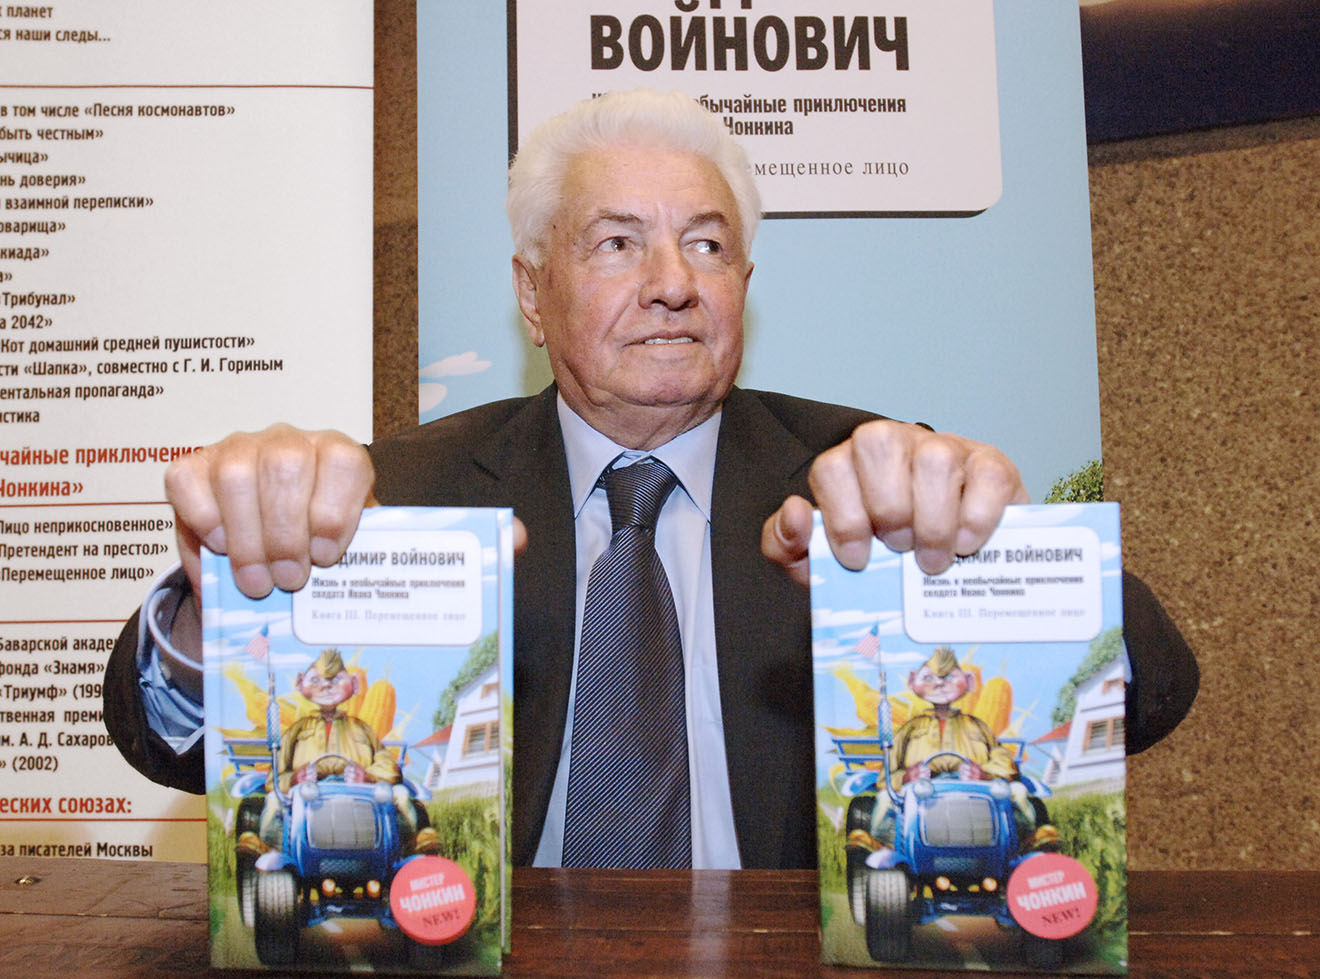 Владимир Войнович во время презентации книги «Жизнь и необычайные приключения солдата Ивана Чонкина. Перемещенное лицо», 2007 год.